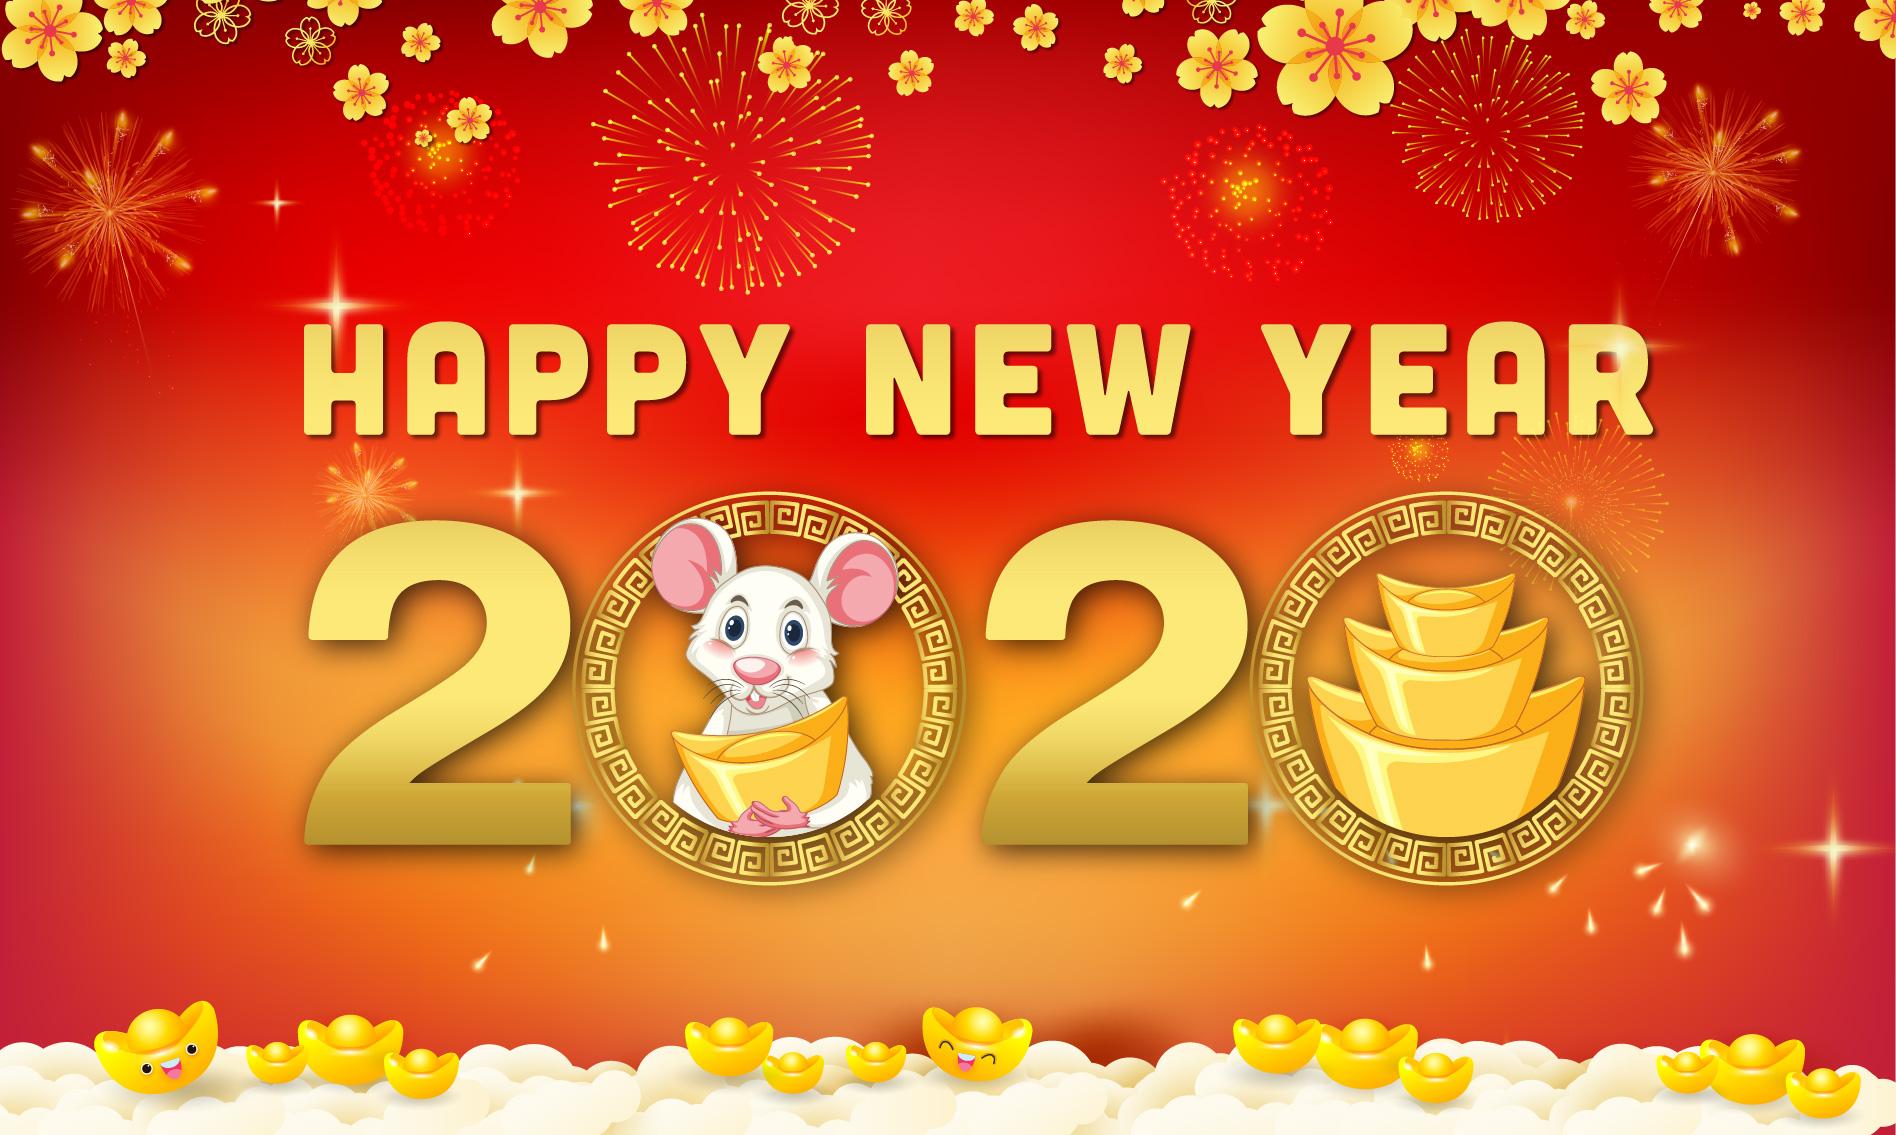 Halo Group gửi lời Chúc mừng năm mới - Xuân Canh Tý